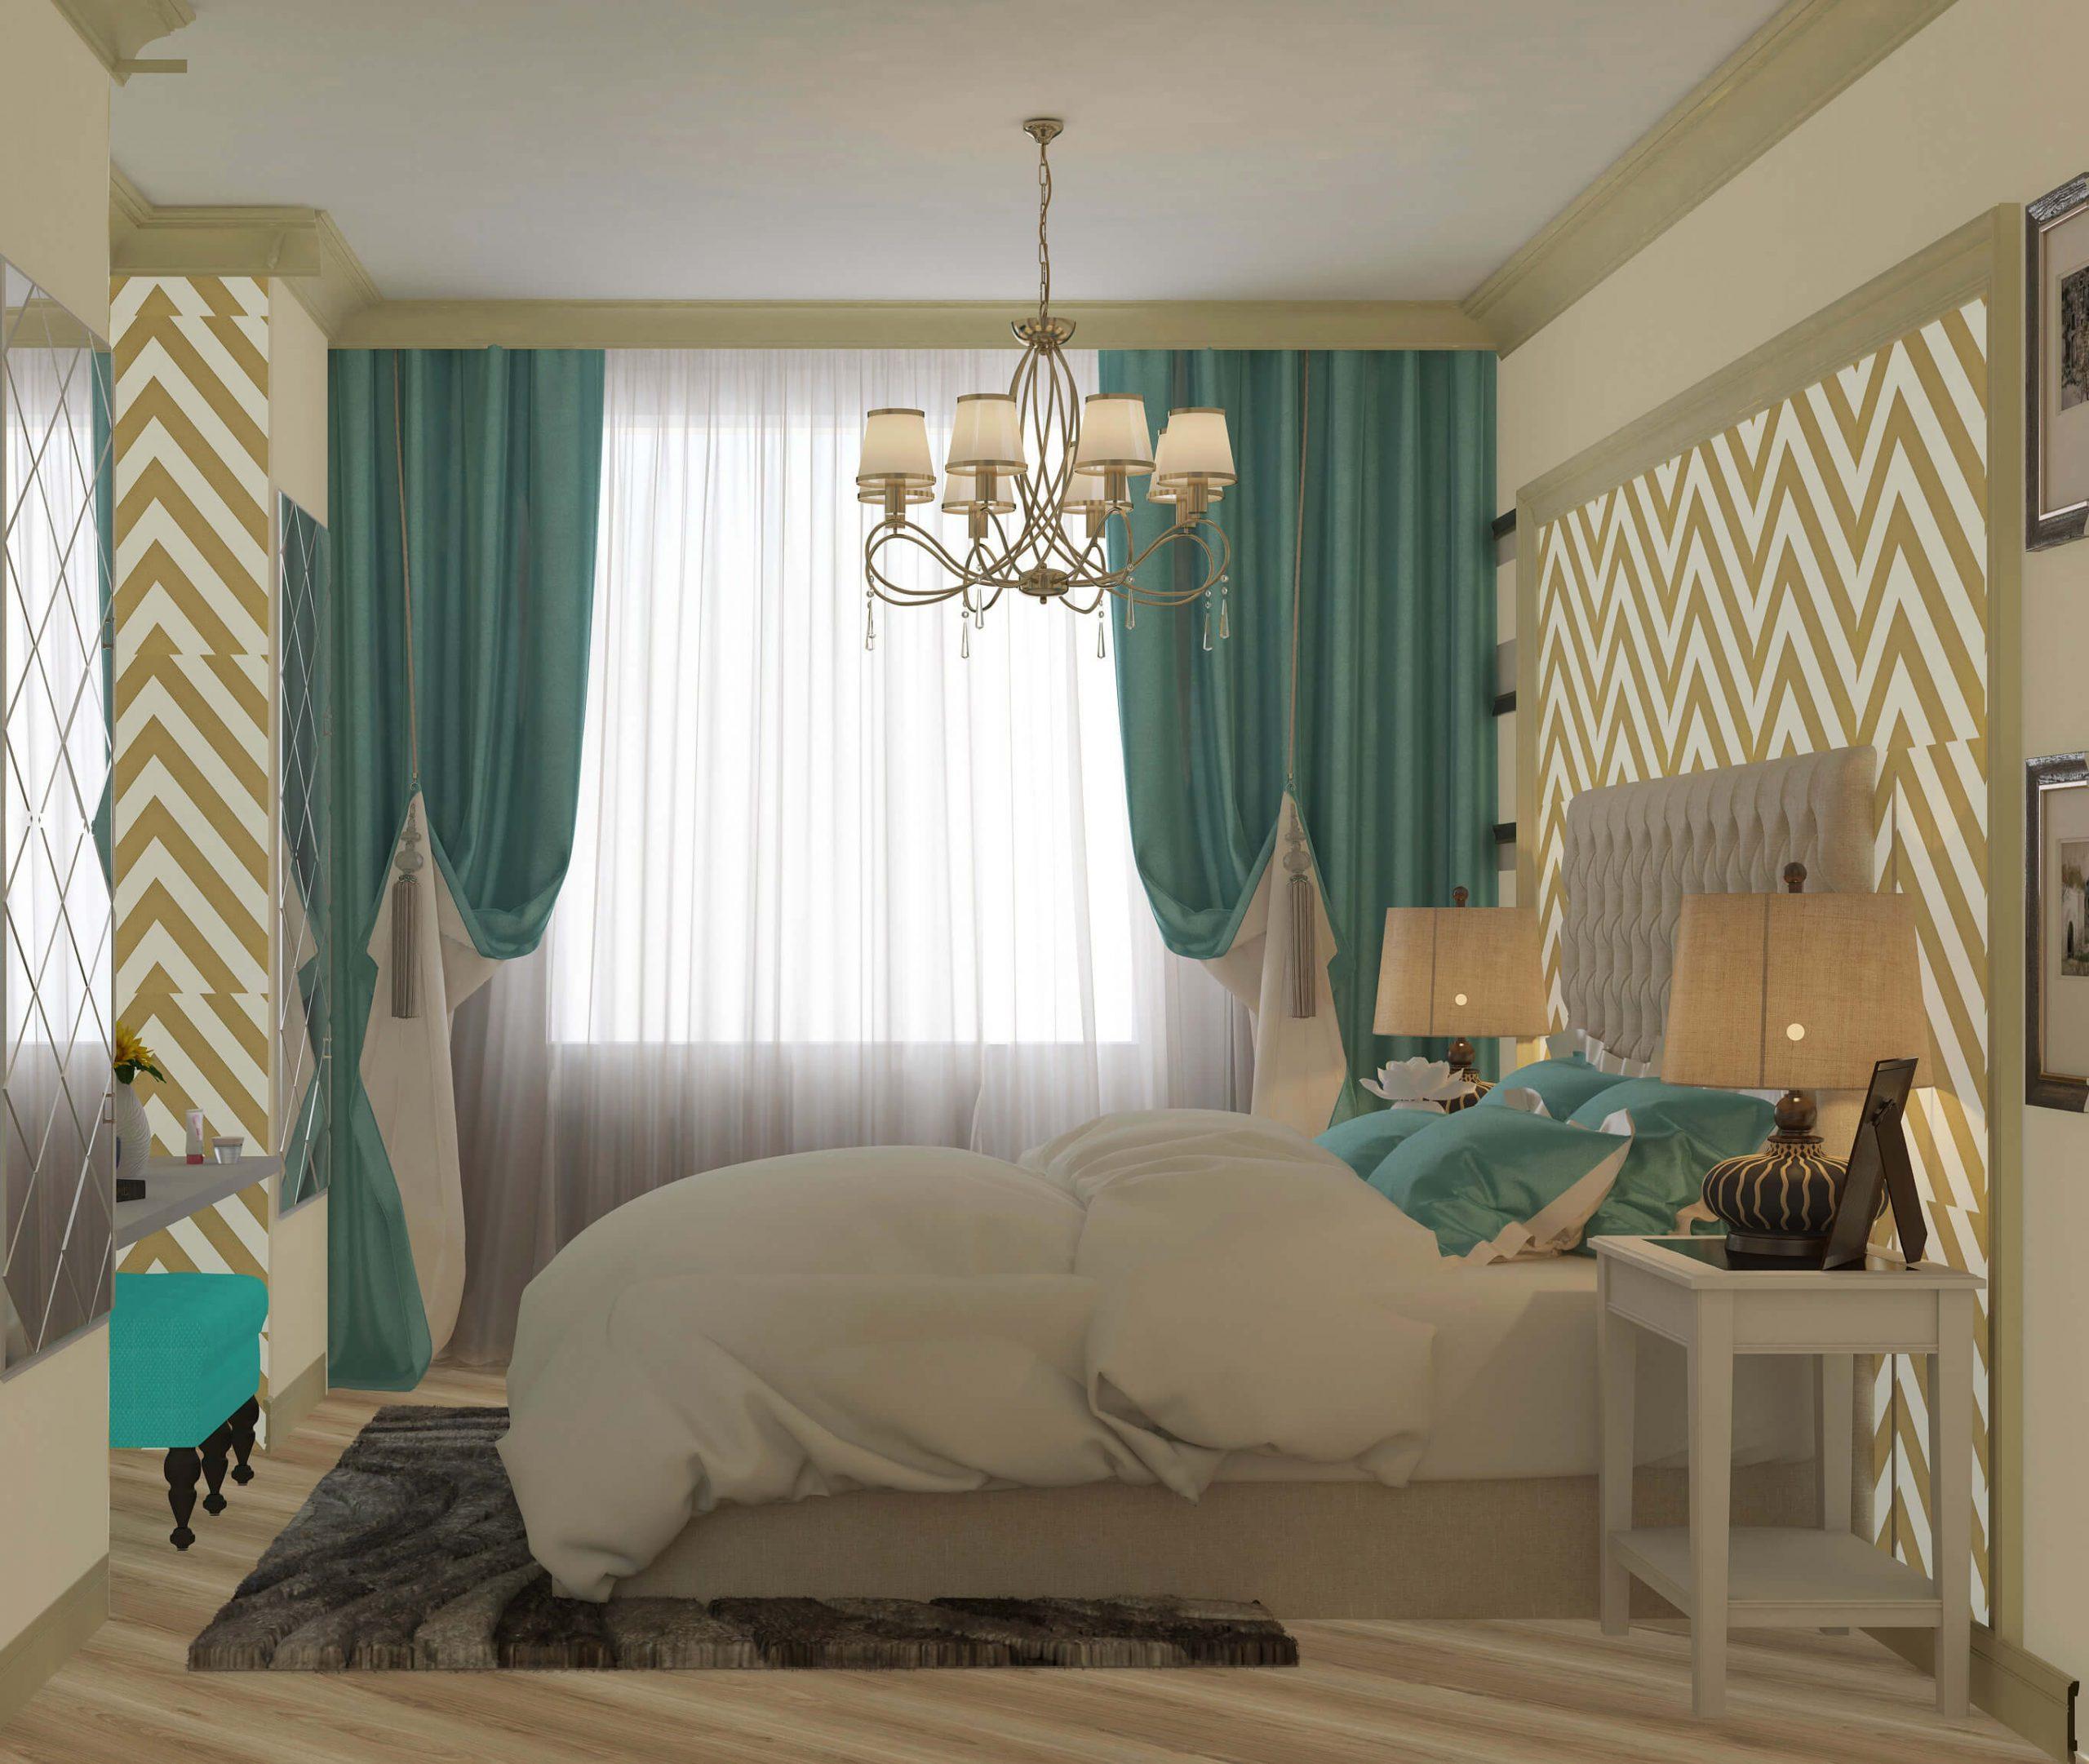 дизайн интерьеров Тюмень ЛевшаГрупп Классические мотивы спальня